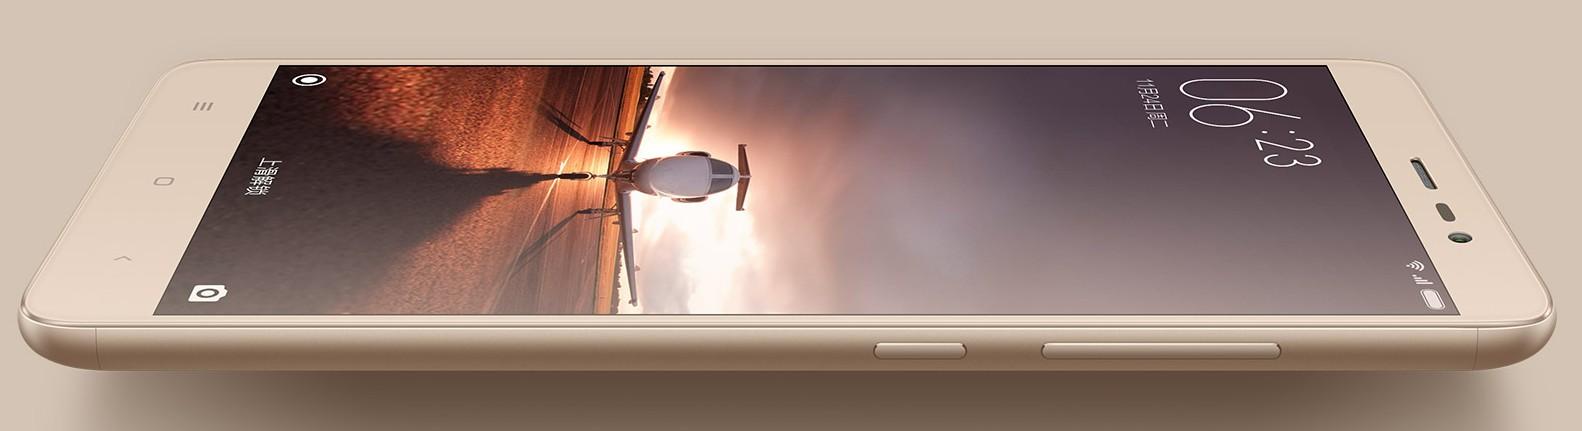 Xiaomi Redmi Note 3 Pro, LTE, 16GB, Grey